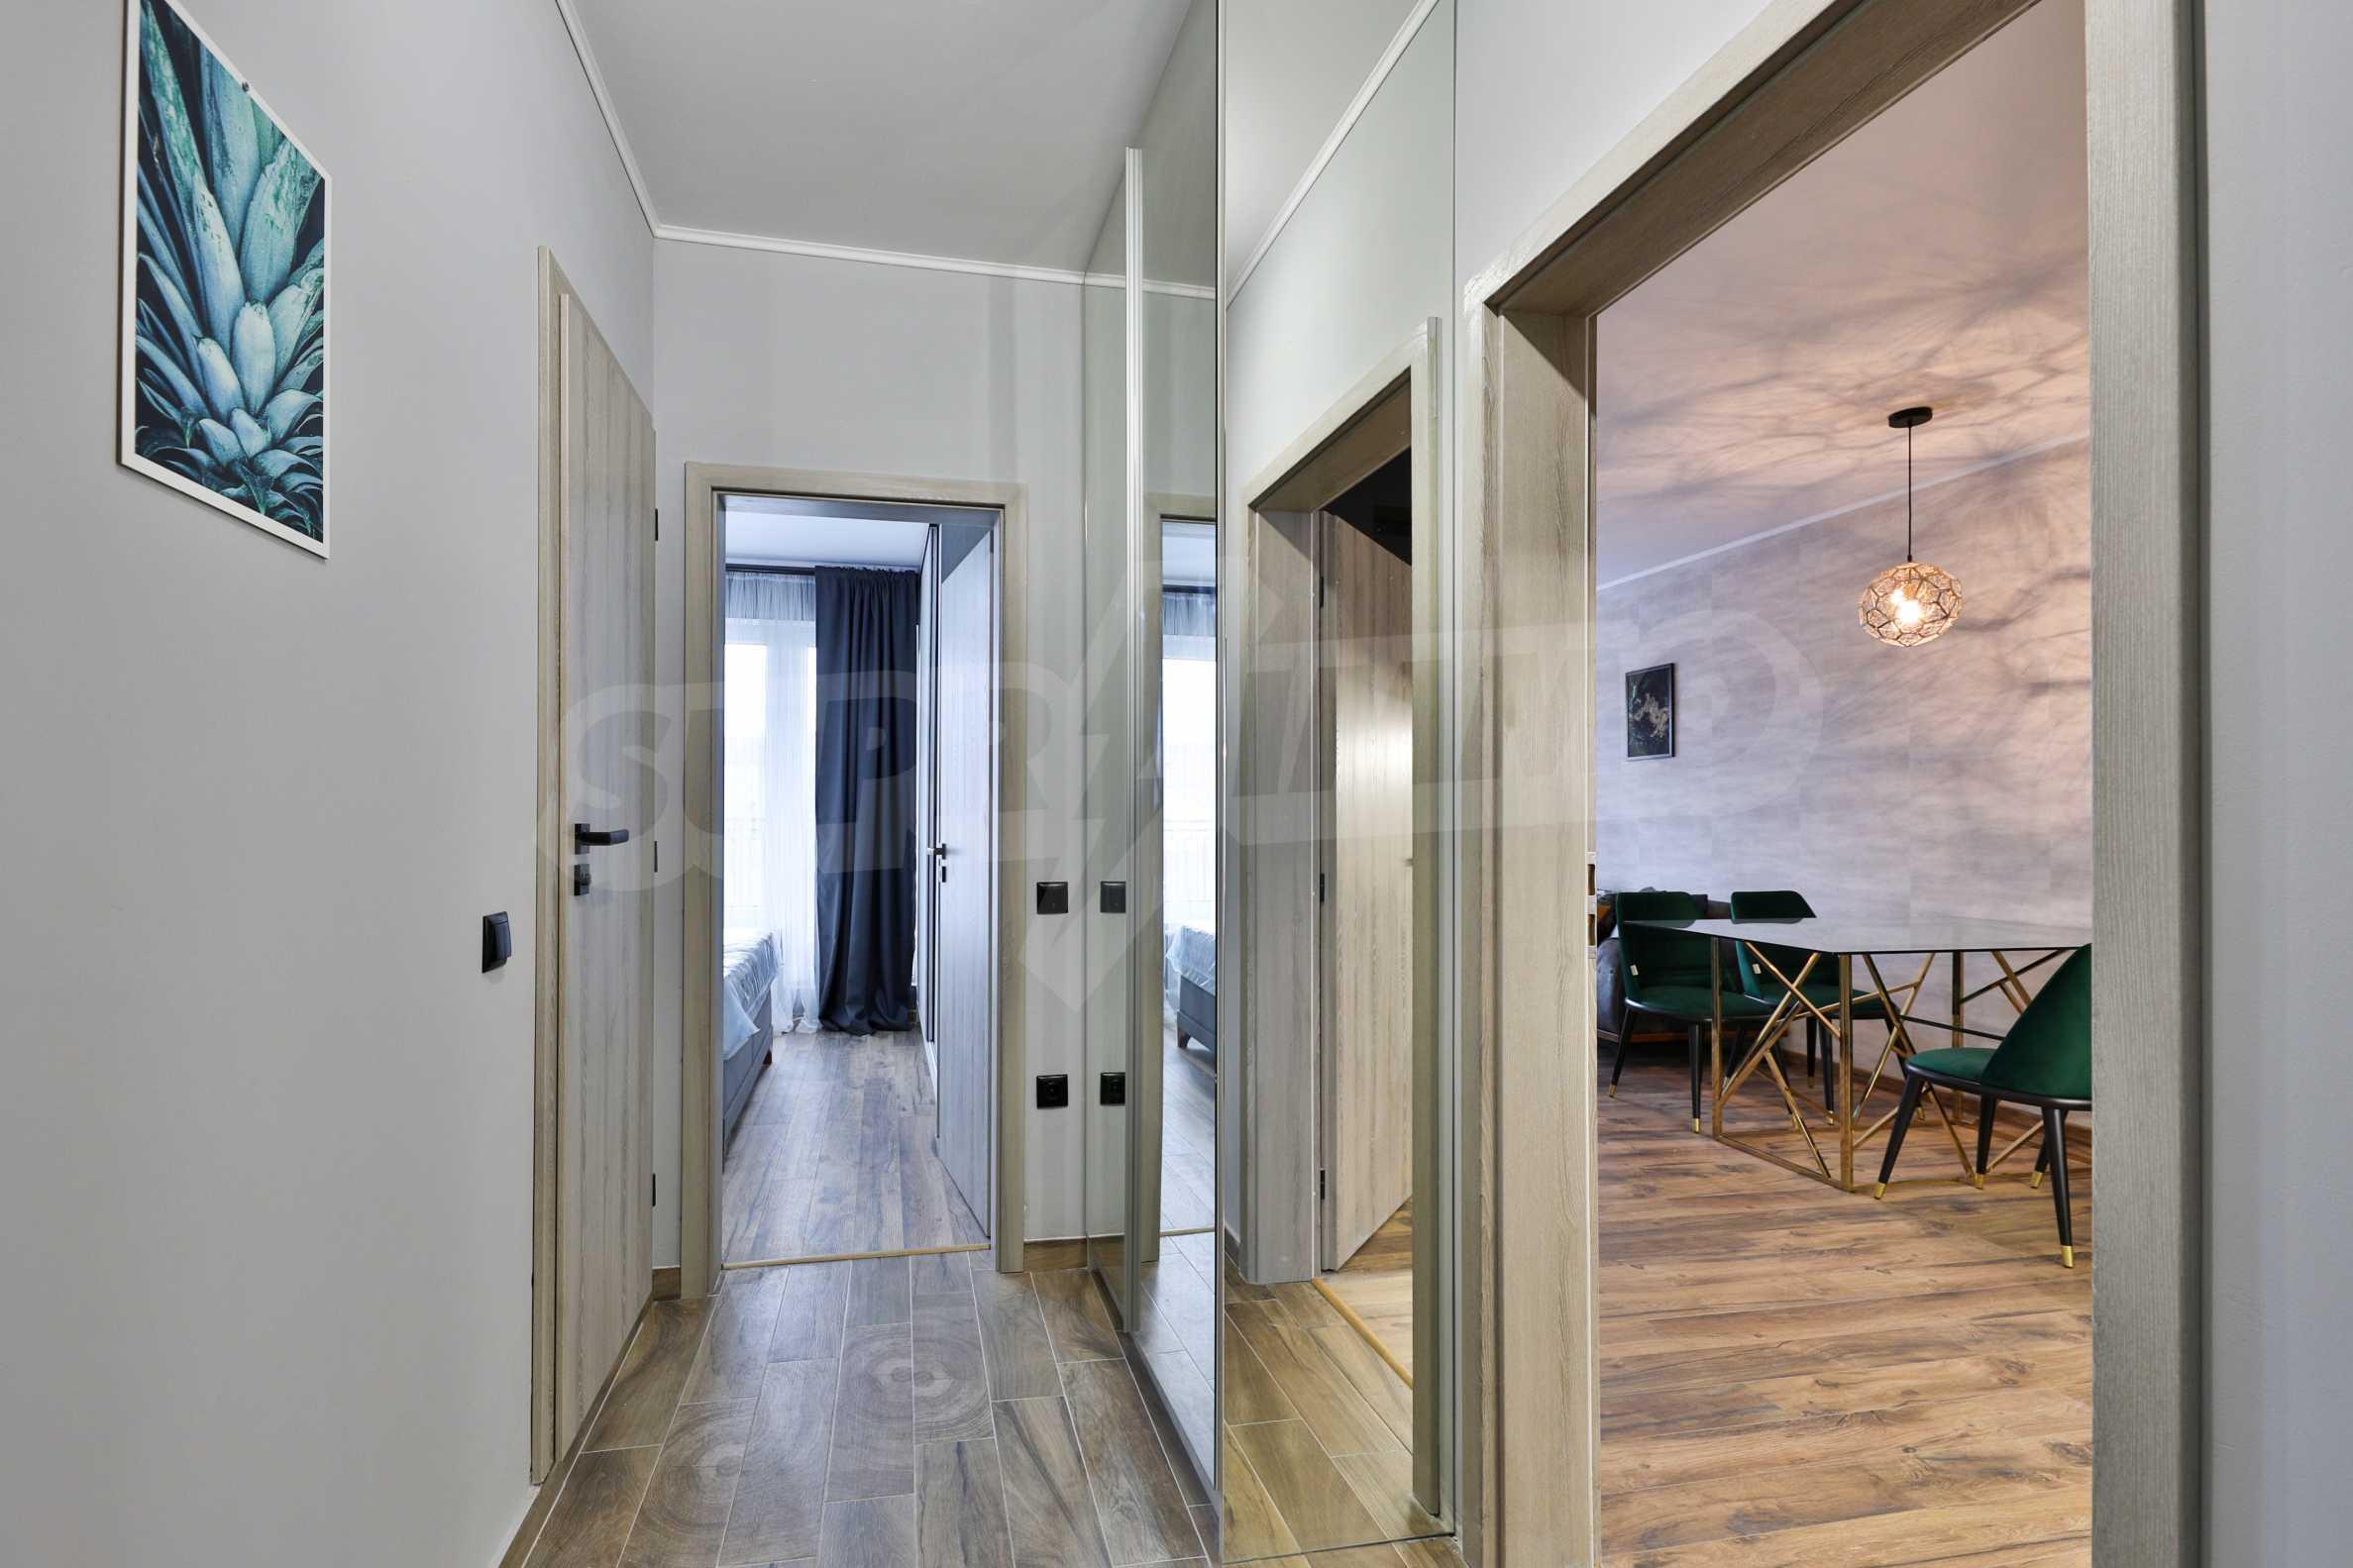 Нов, дизайнерски обзаведен двустаен апартамент с гараж в Центъра до метростанция и парк 10